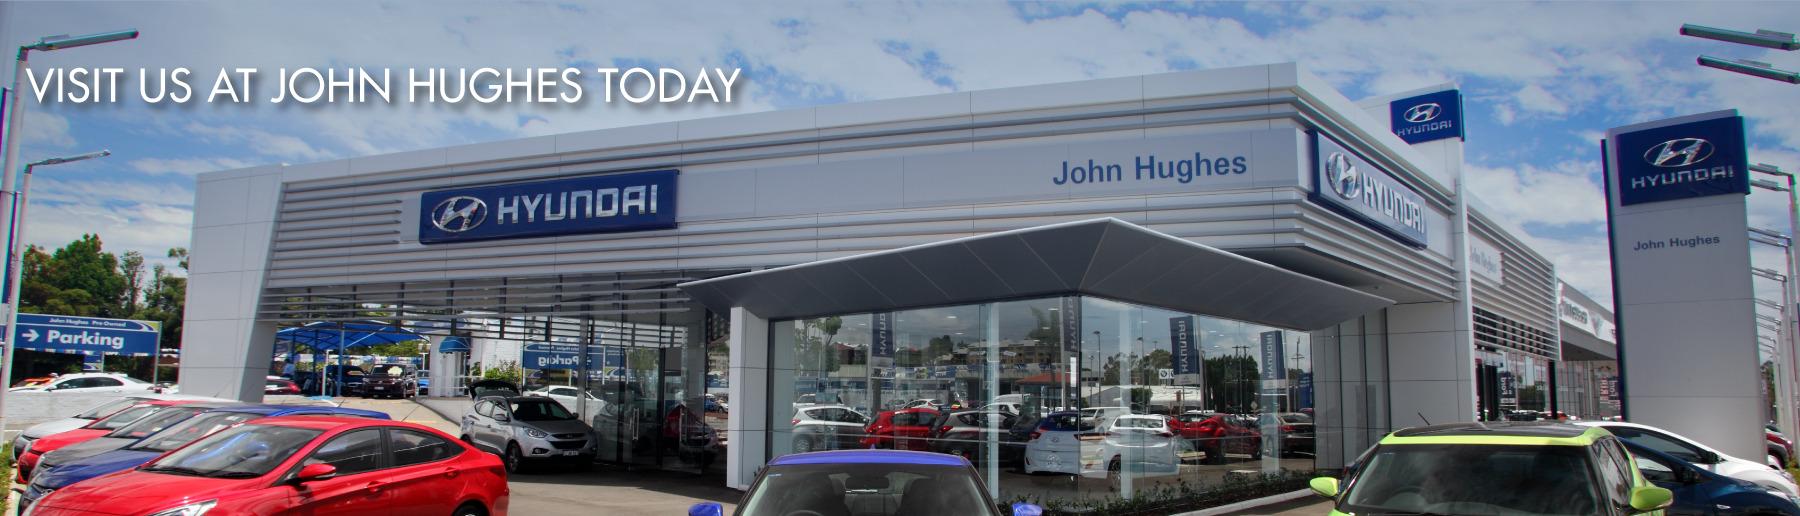 John Hughes Hyundai